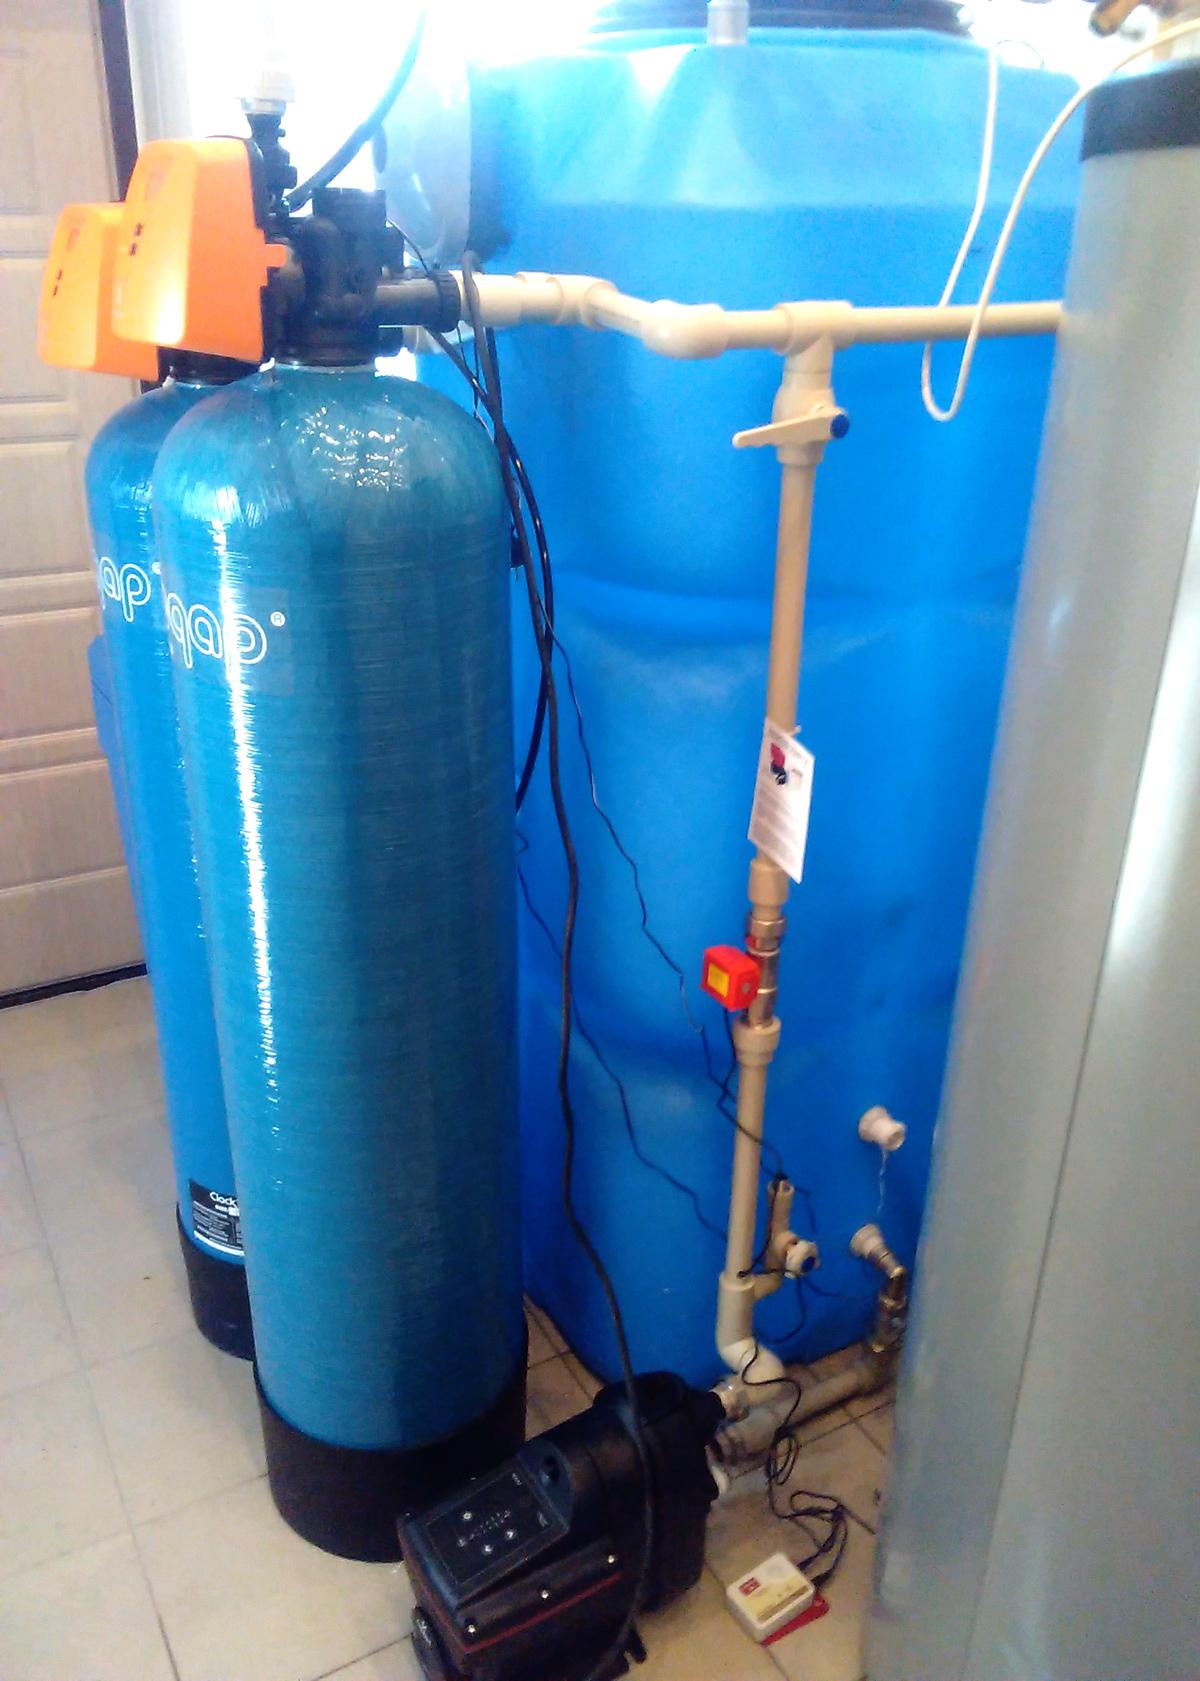 Фильтр для очистки воды своими руками: самодельный прибор 70